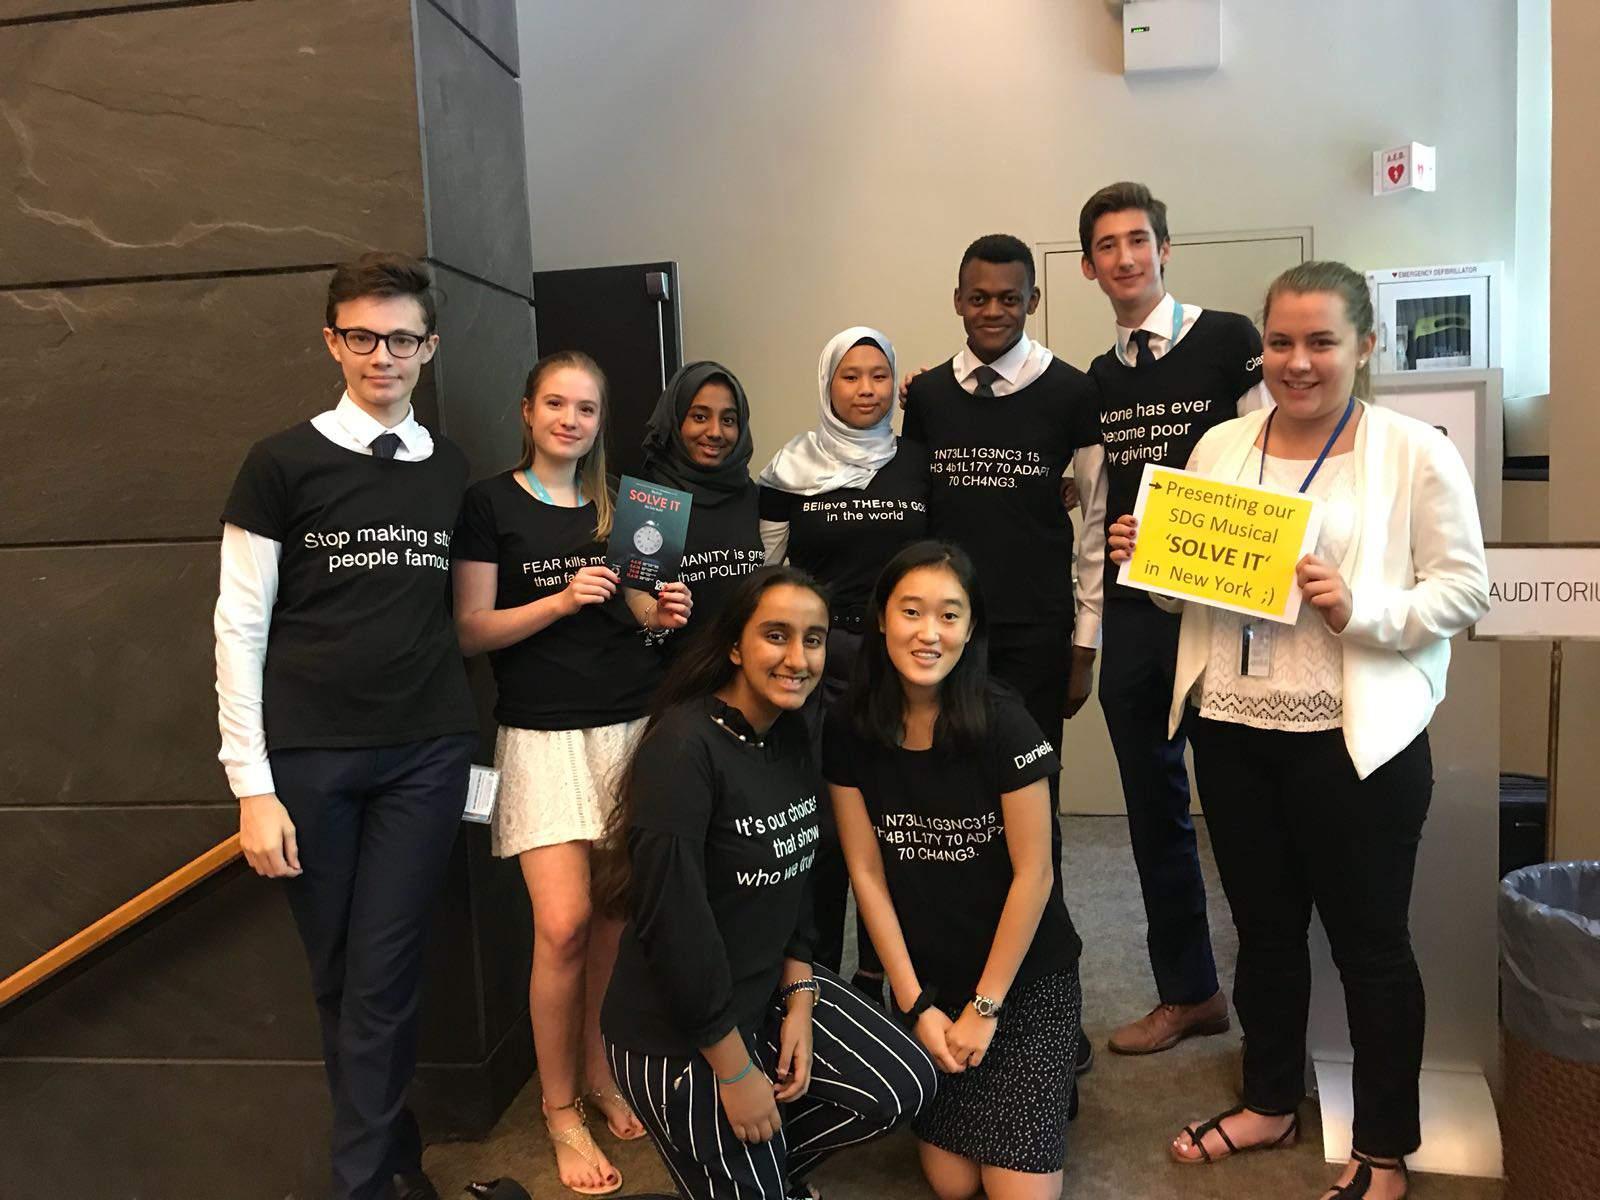 Als Jugendbotschafterin für UN-Kinderrechte und SDGs in New York 5